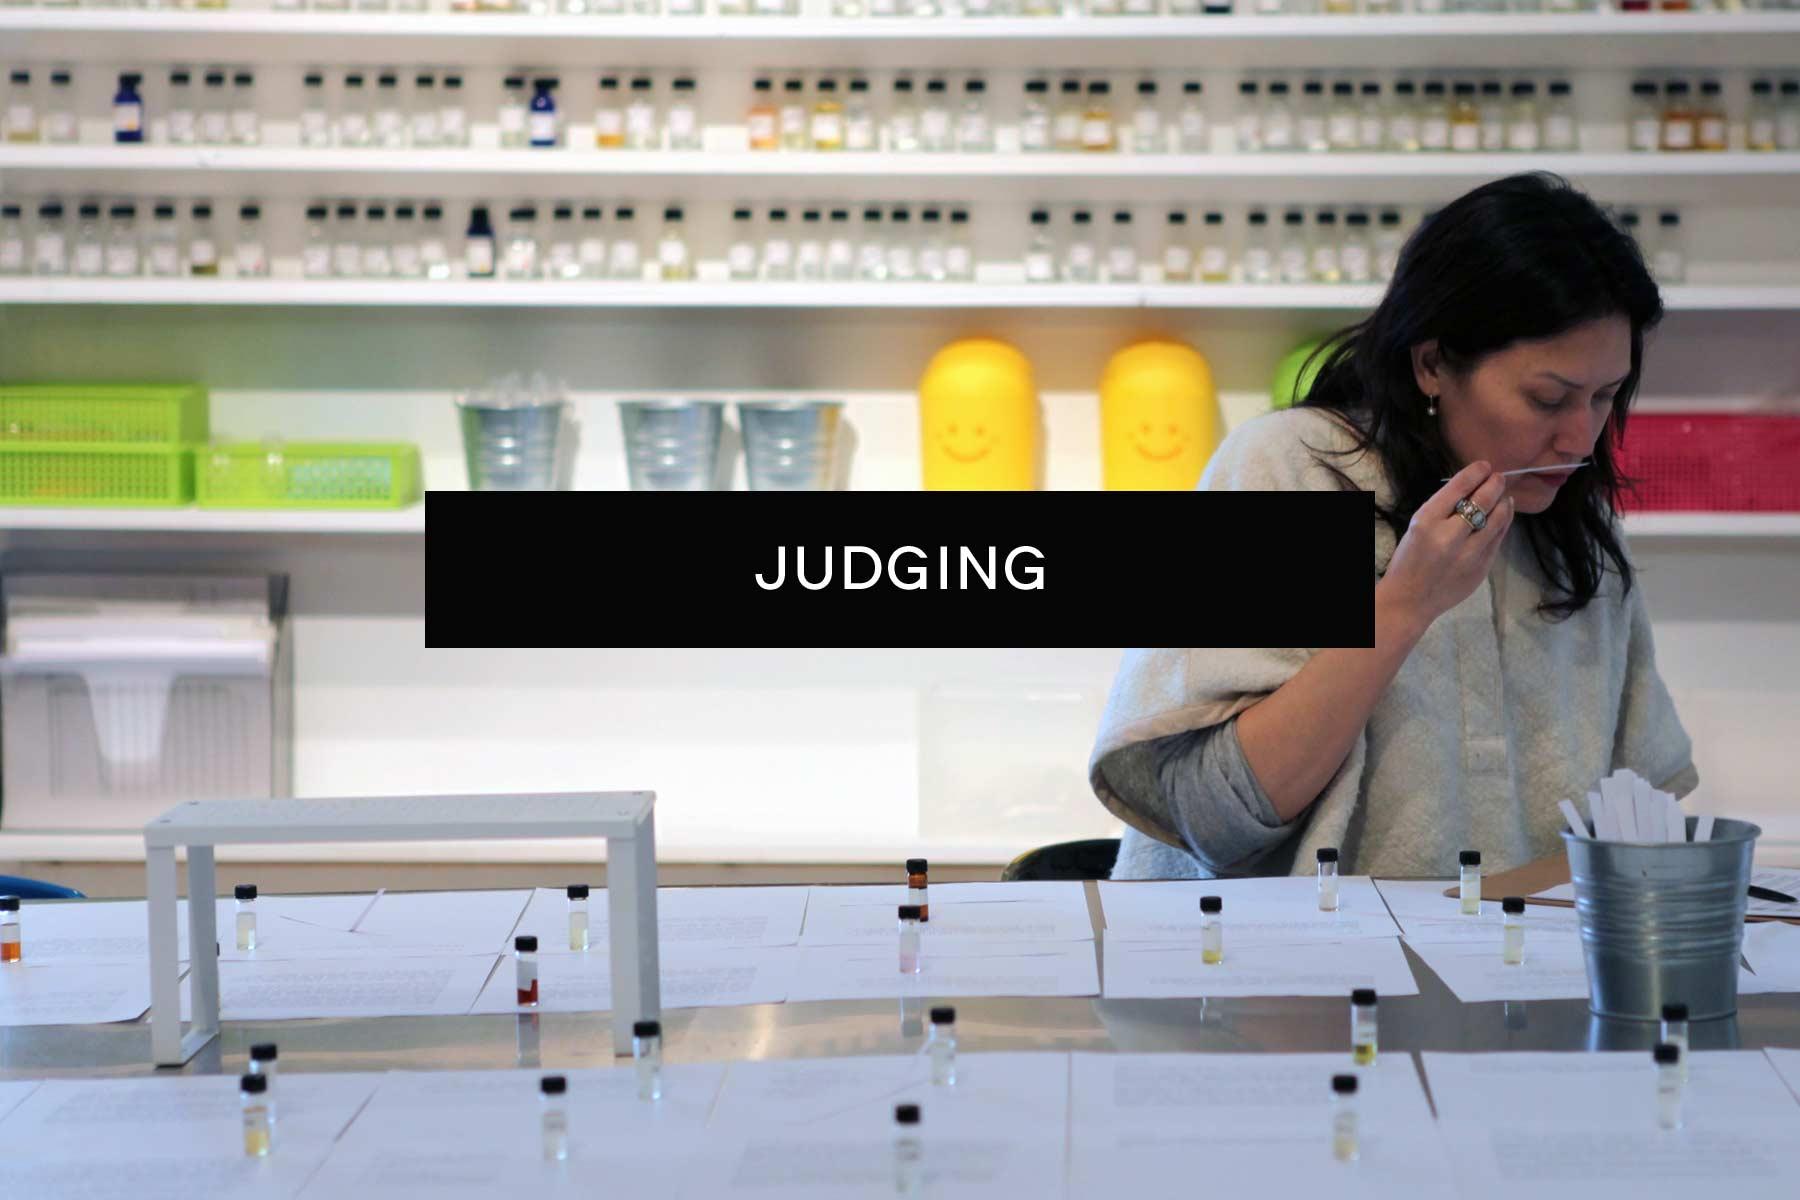 Judging_header5